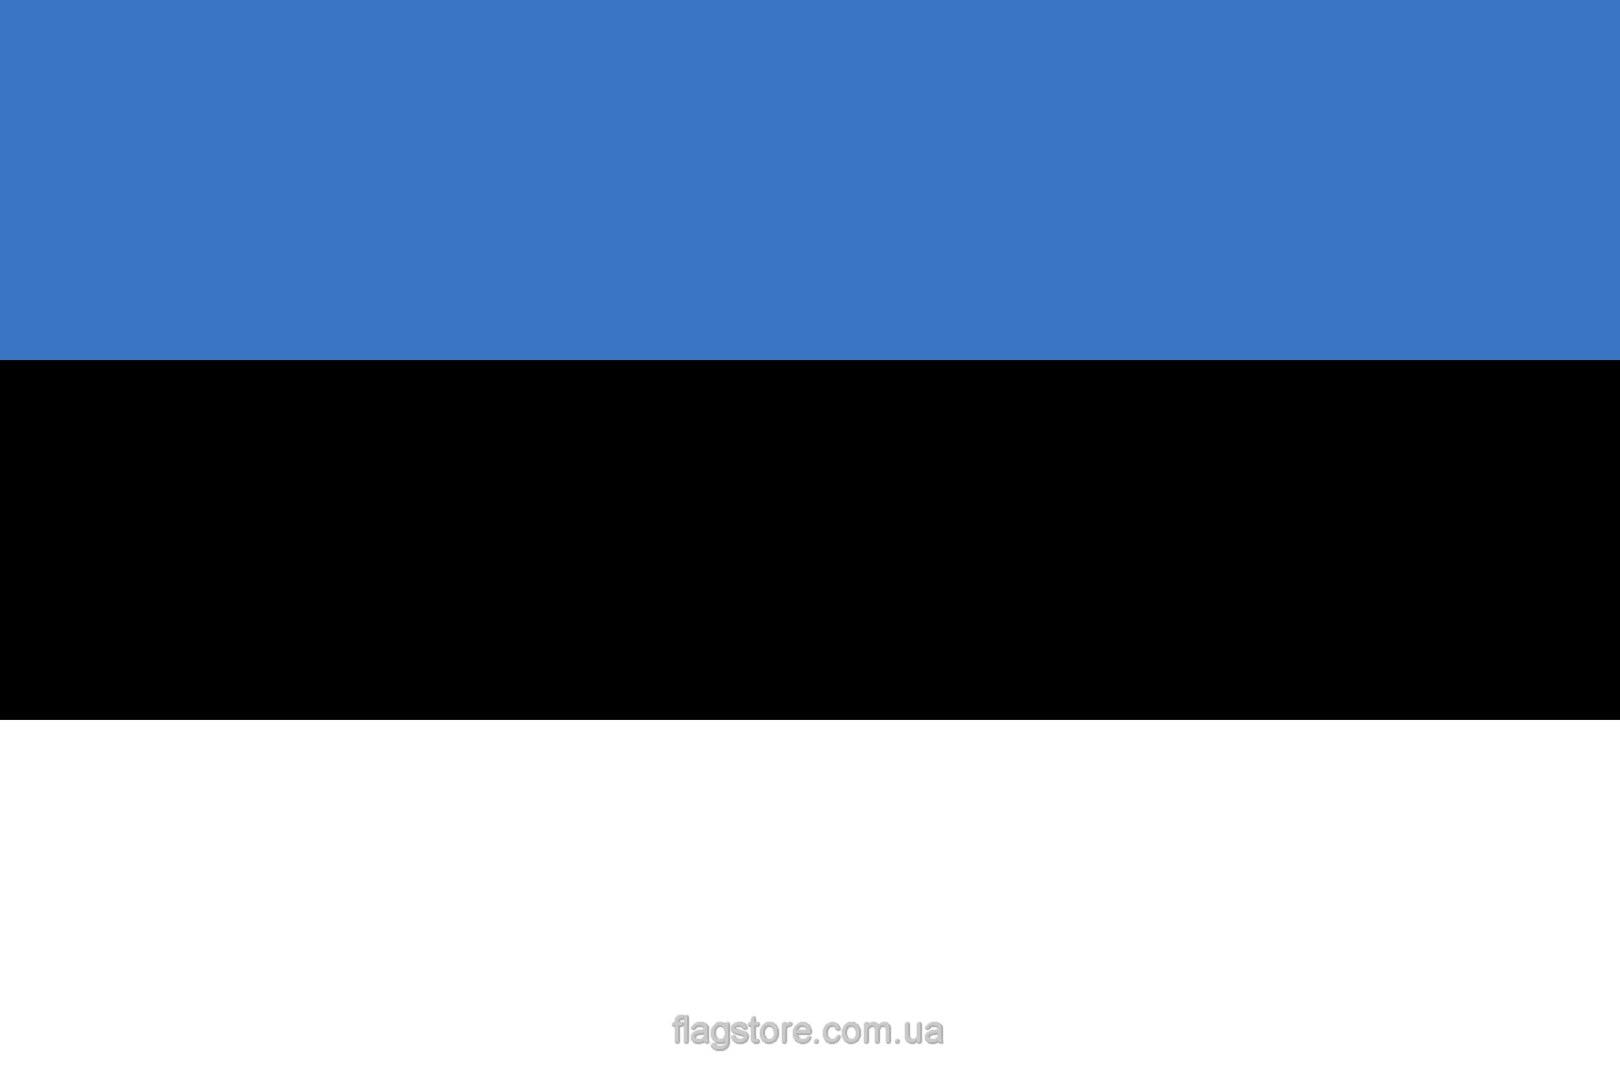 Купить флаг Эстонии (страны Эстония)